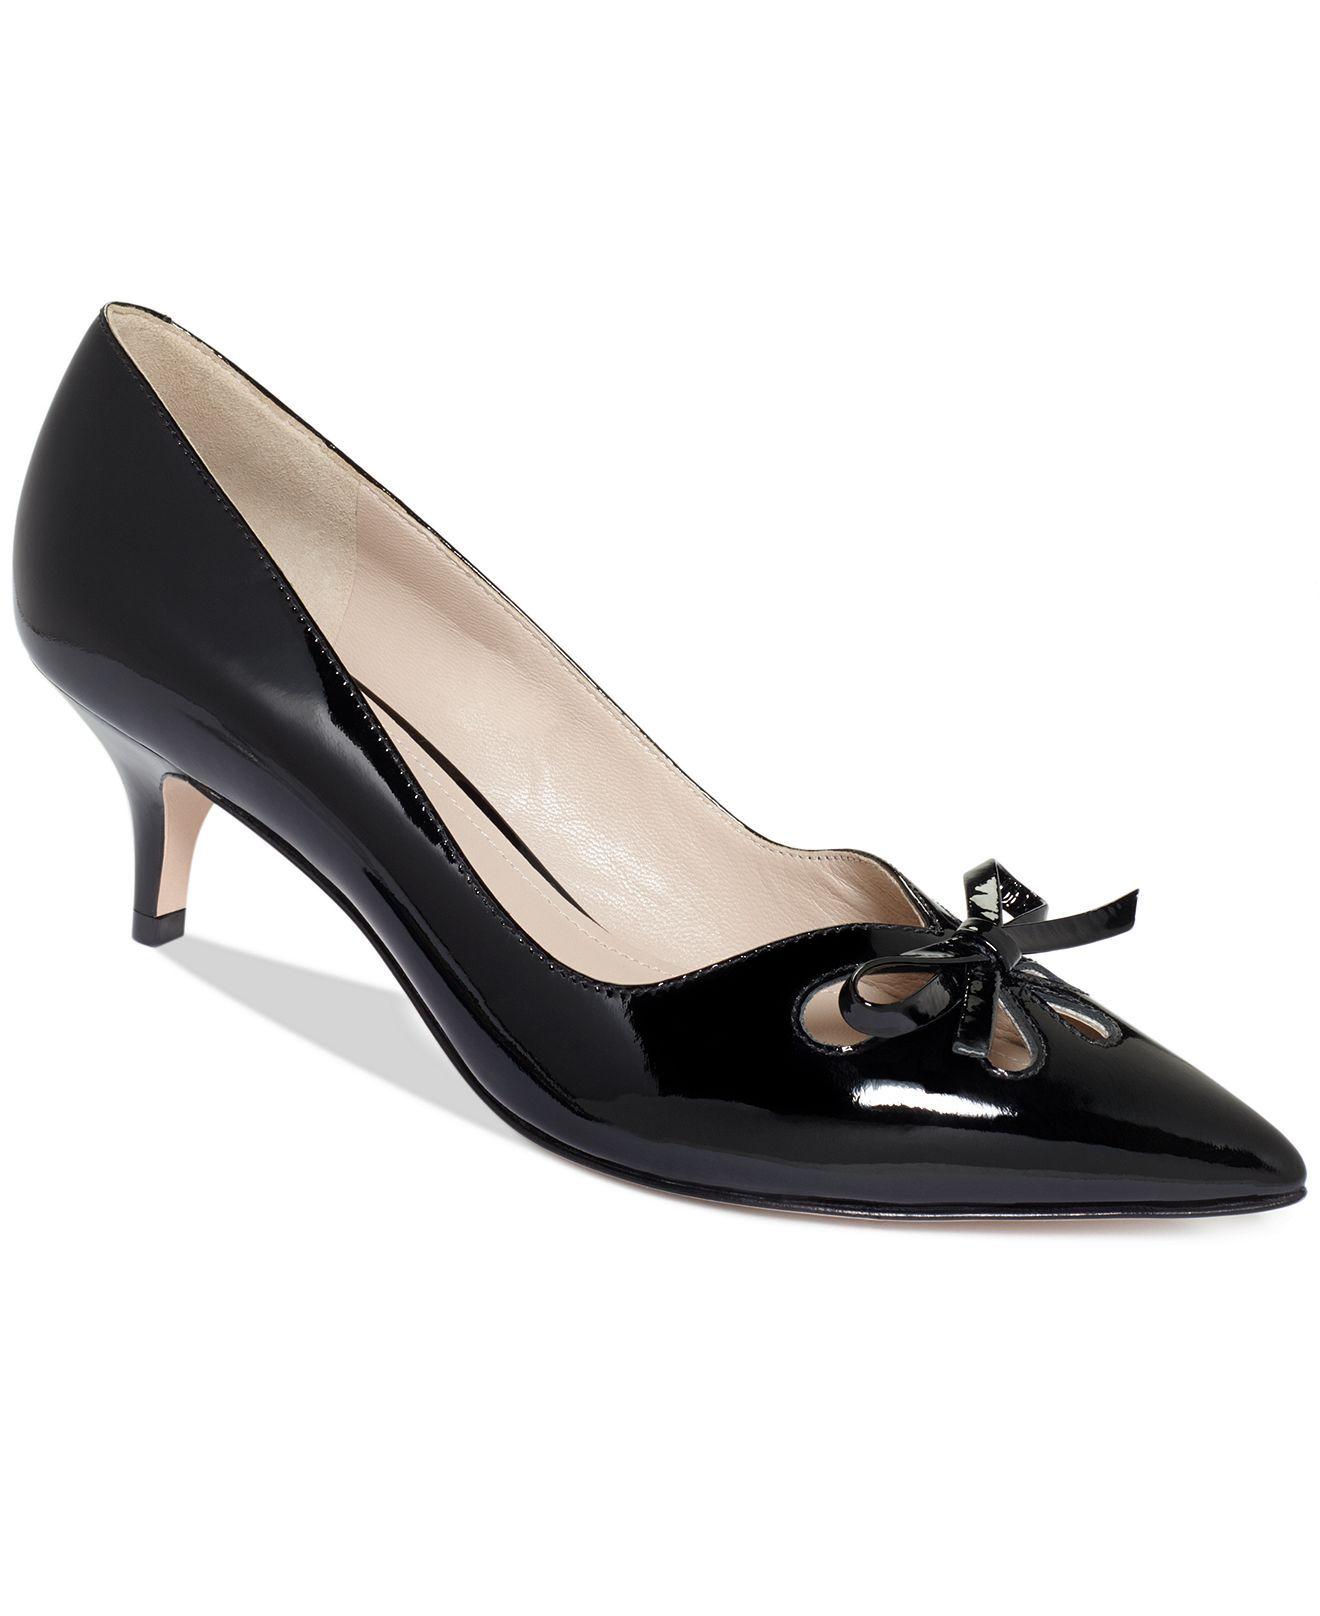 Joan David Gardner Kitten Heel Pumps Shoes Macy S Kitten Heels Heels Joan And David Shoes